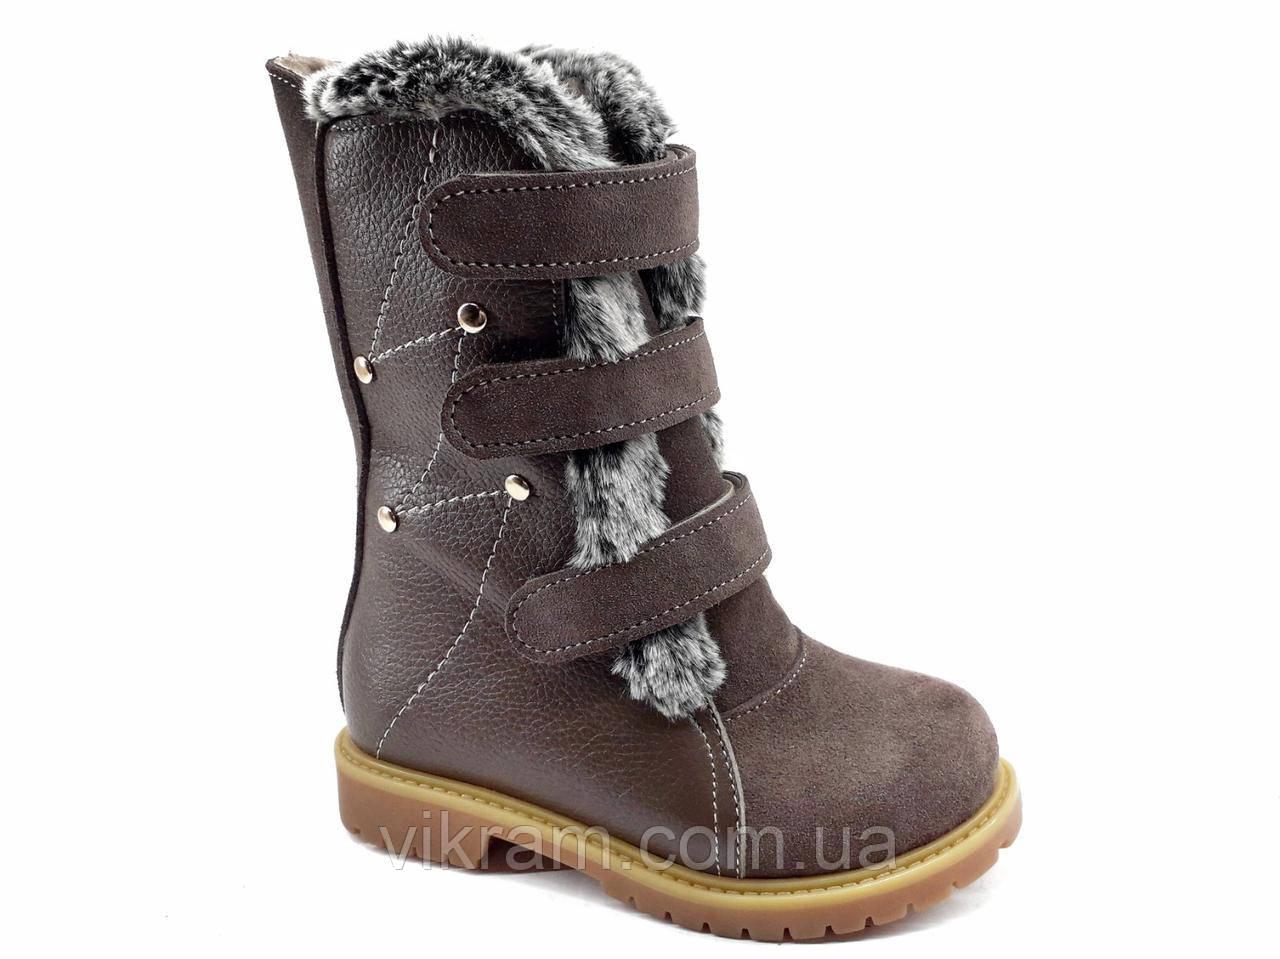 Ортопедические зимние ботинки для девочек VIKRAM.ORTO 22р-31р коричневые